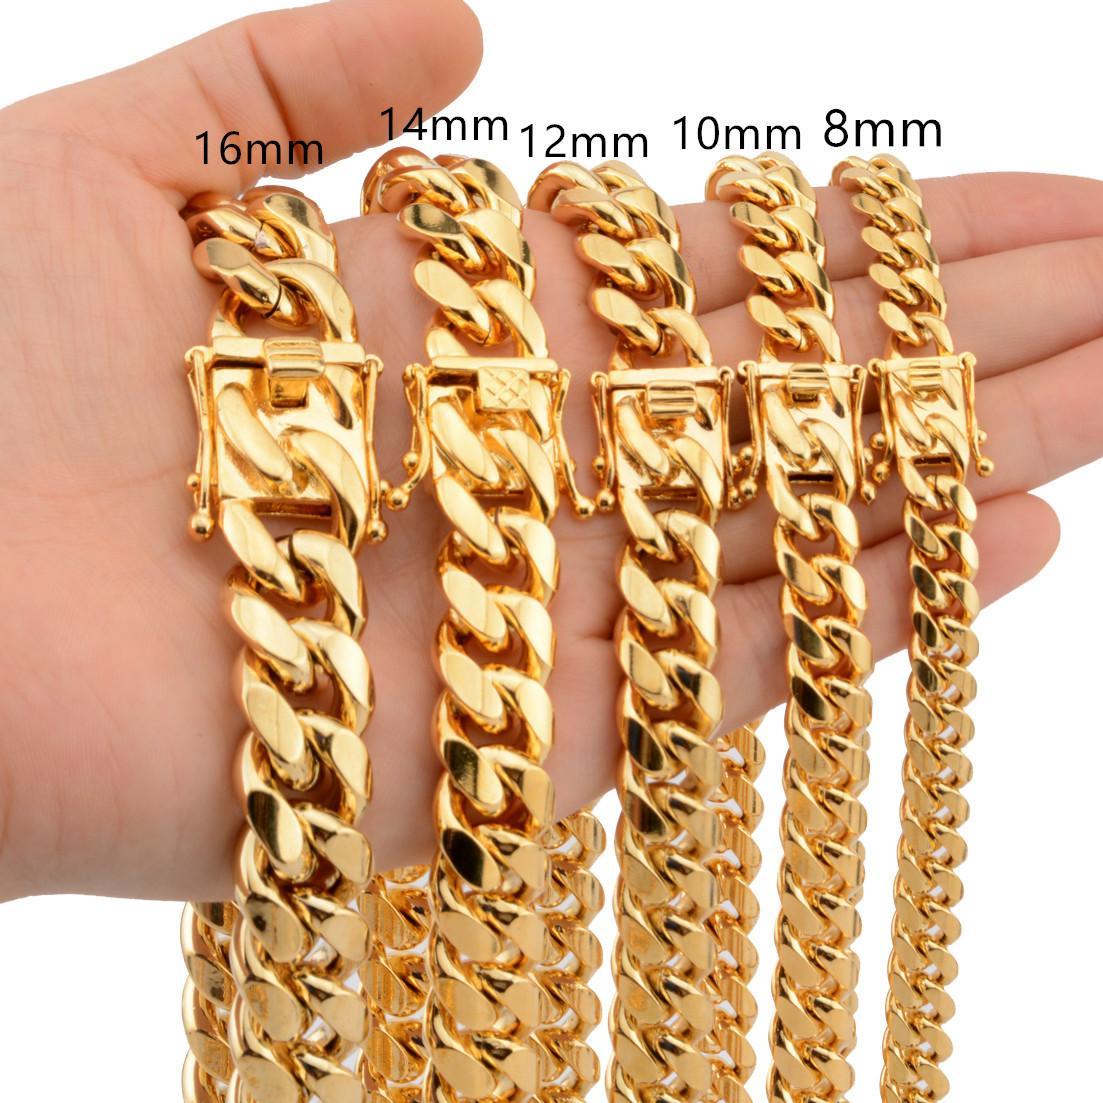 Oro de calidad superior de acero inoxidable Enlace cubana Cadena 8/10/12/14/16 / 18mm 18-30inches Collar largo pesada